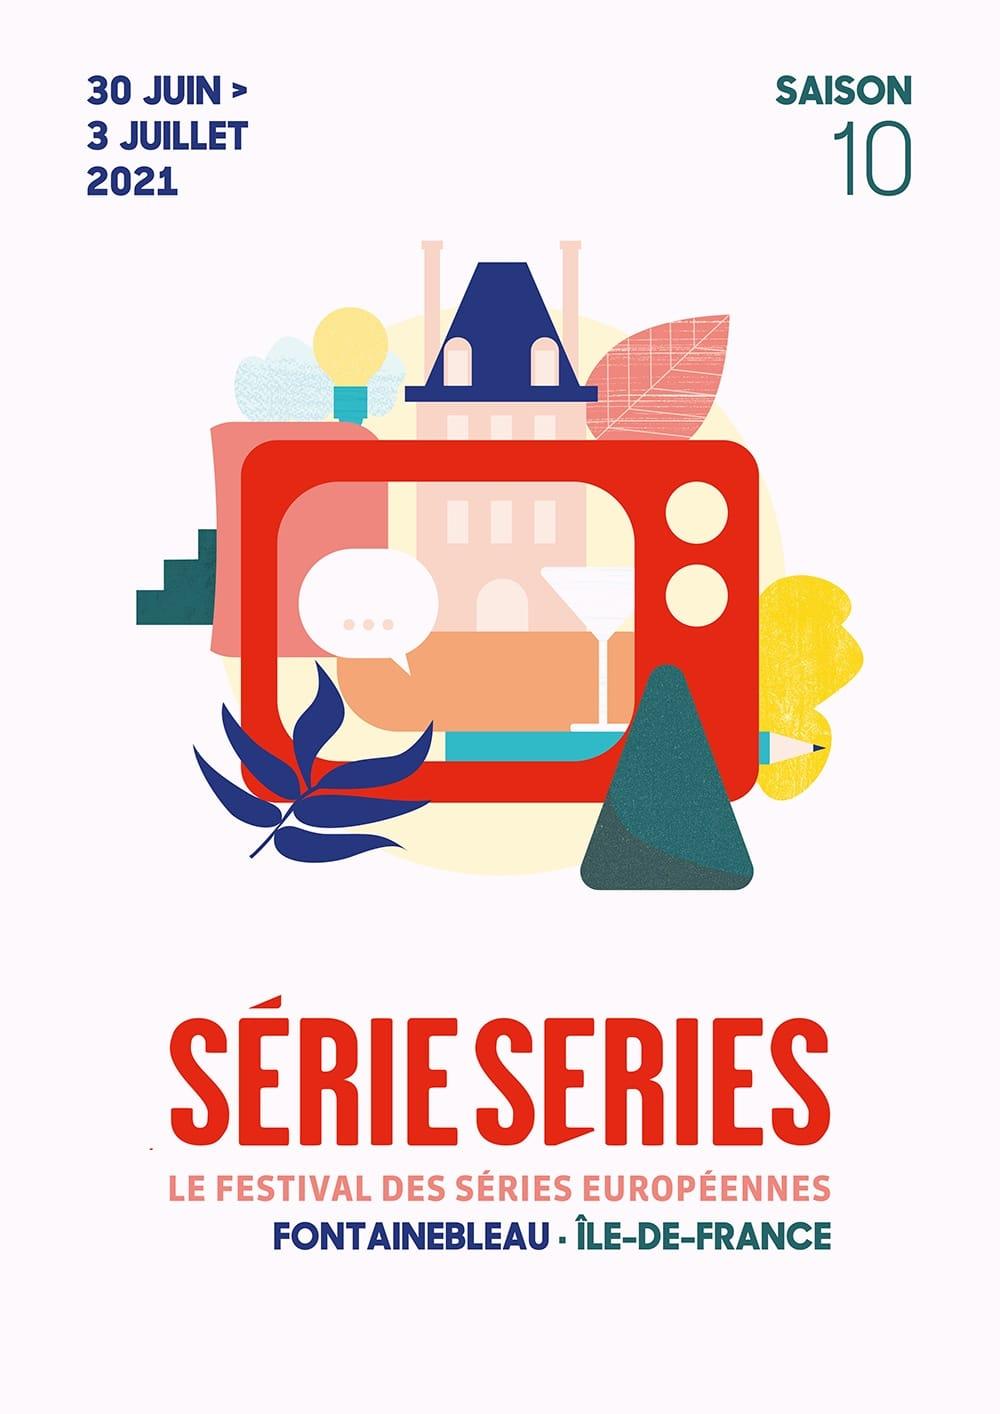 Série Series 2021 affiche festival saison 10